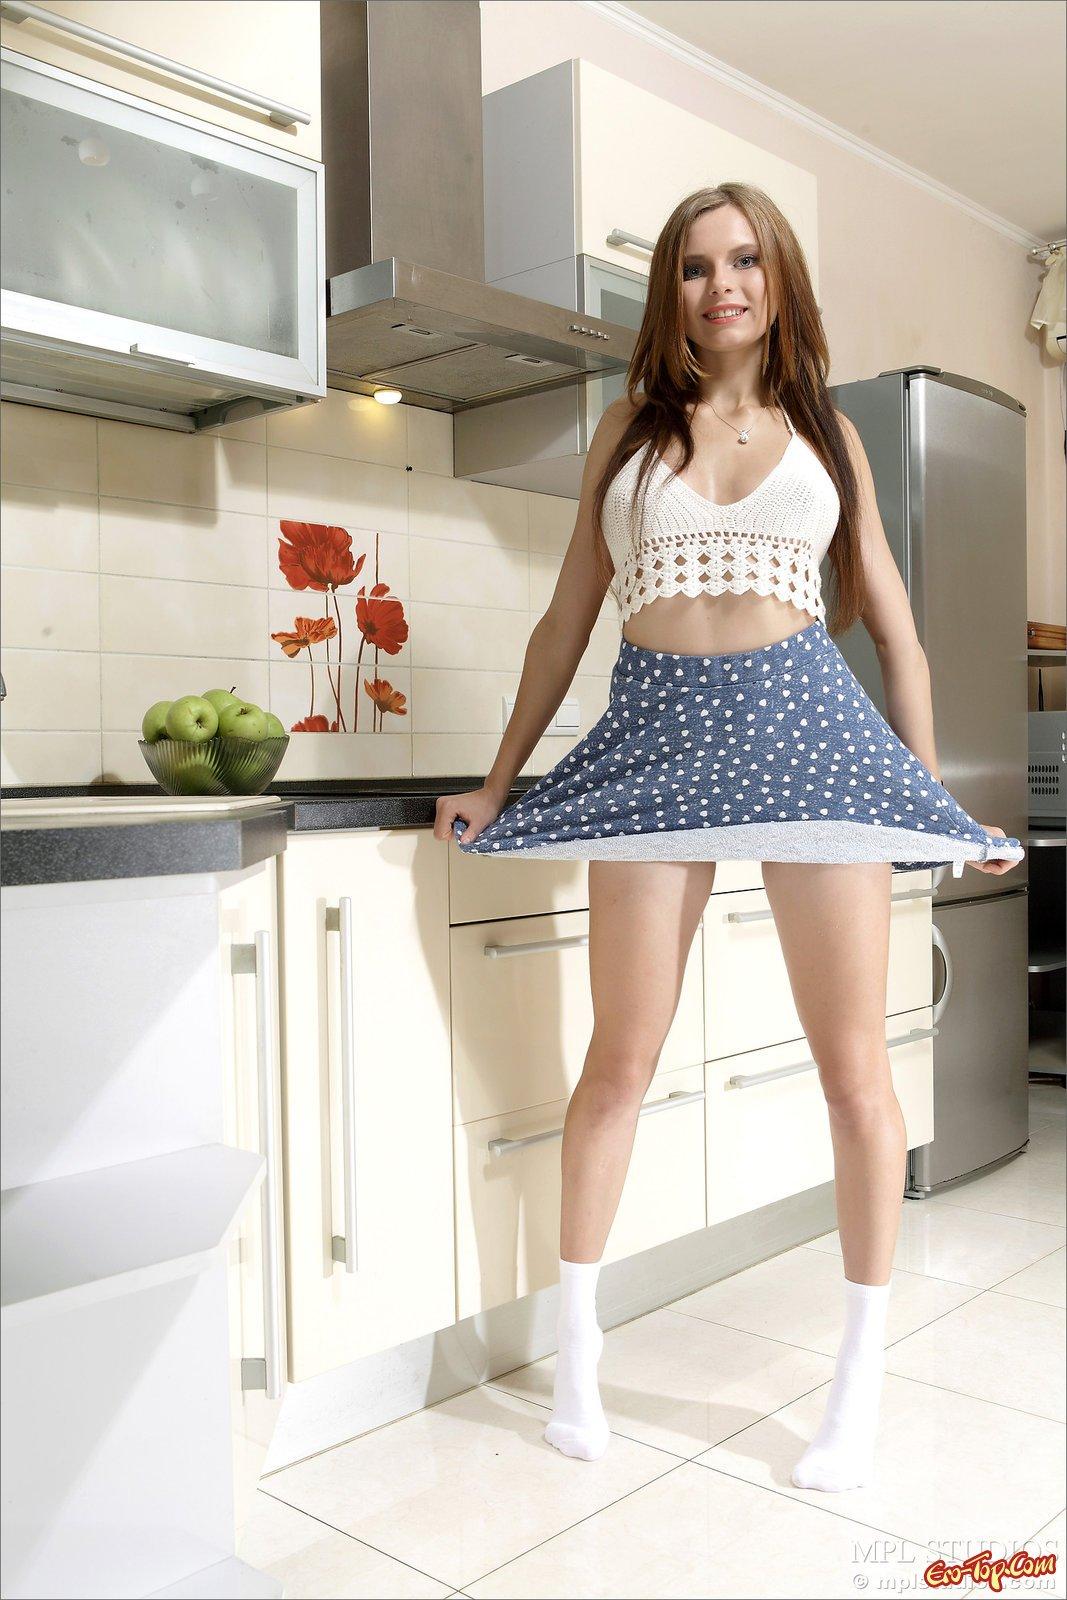 Эротика под юбкой в кухне